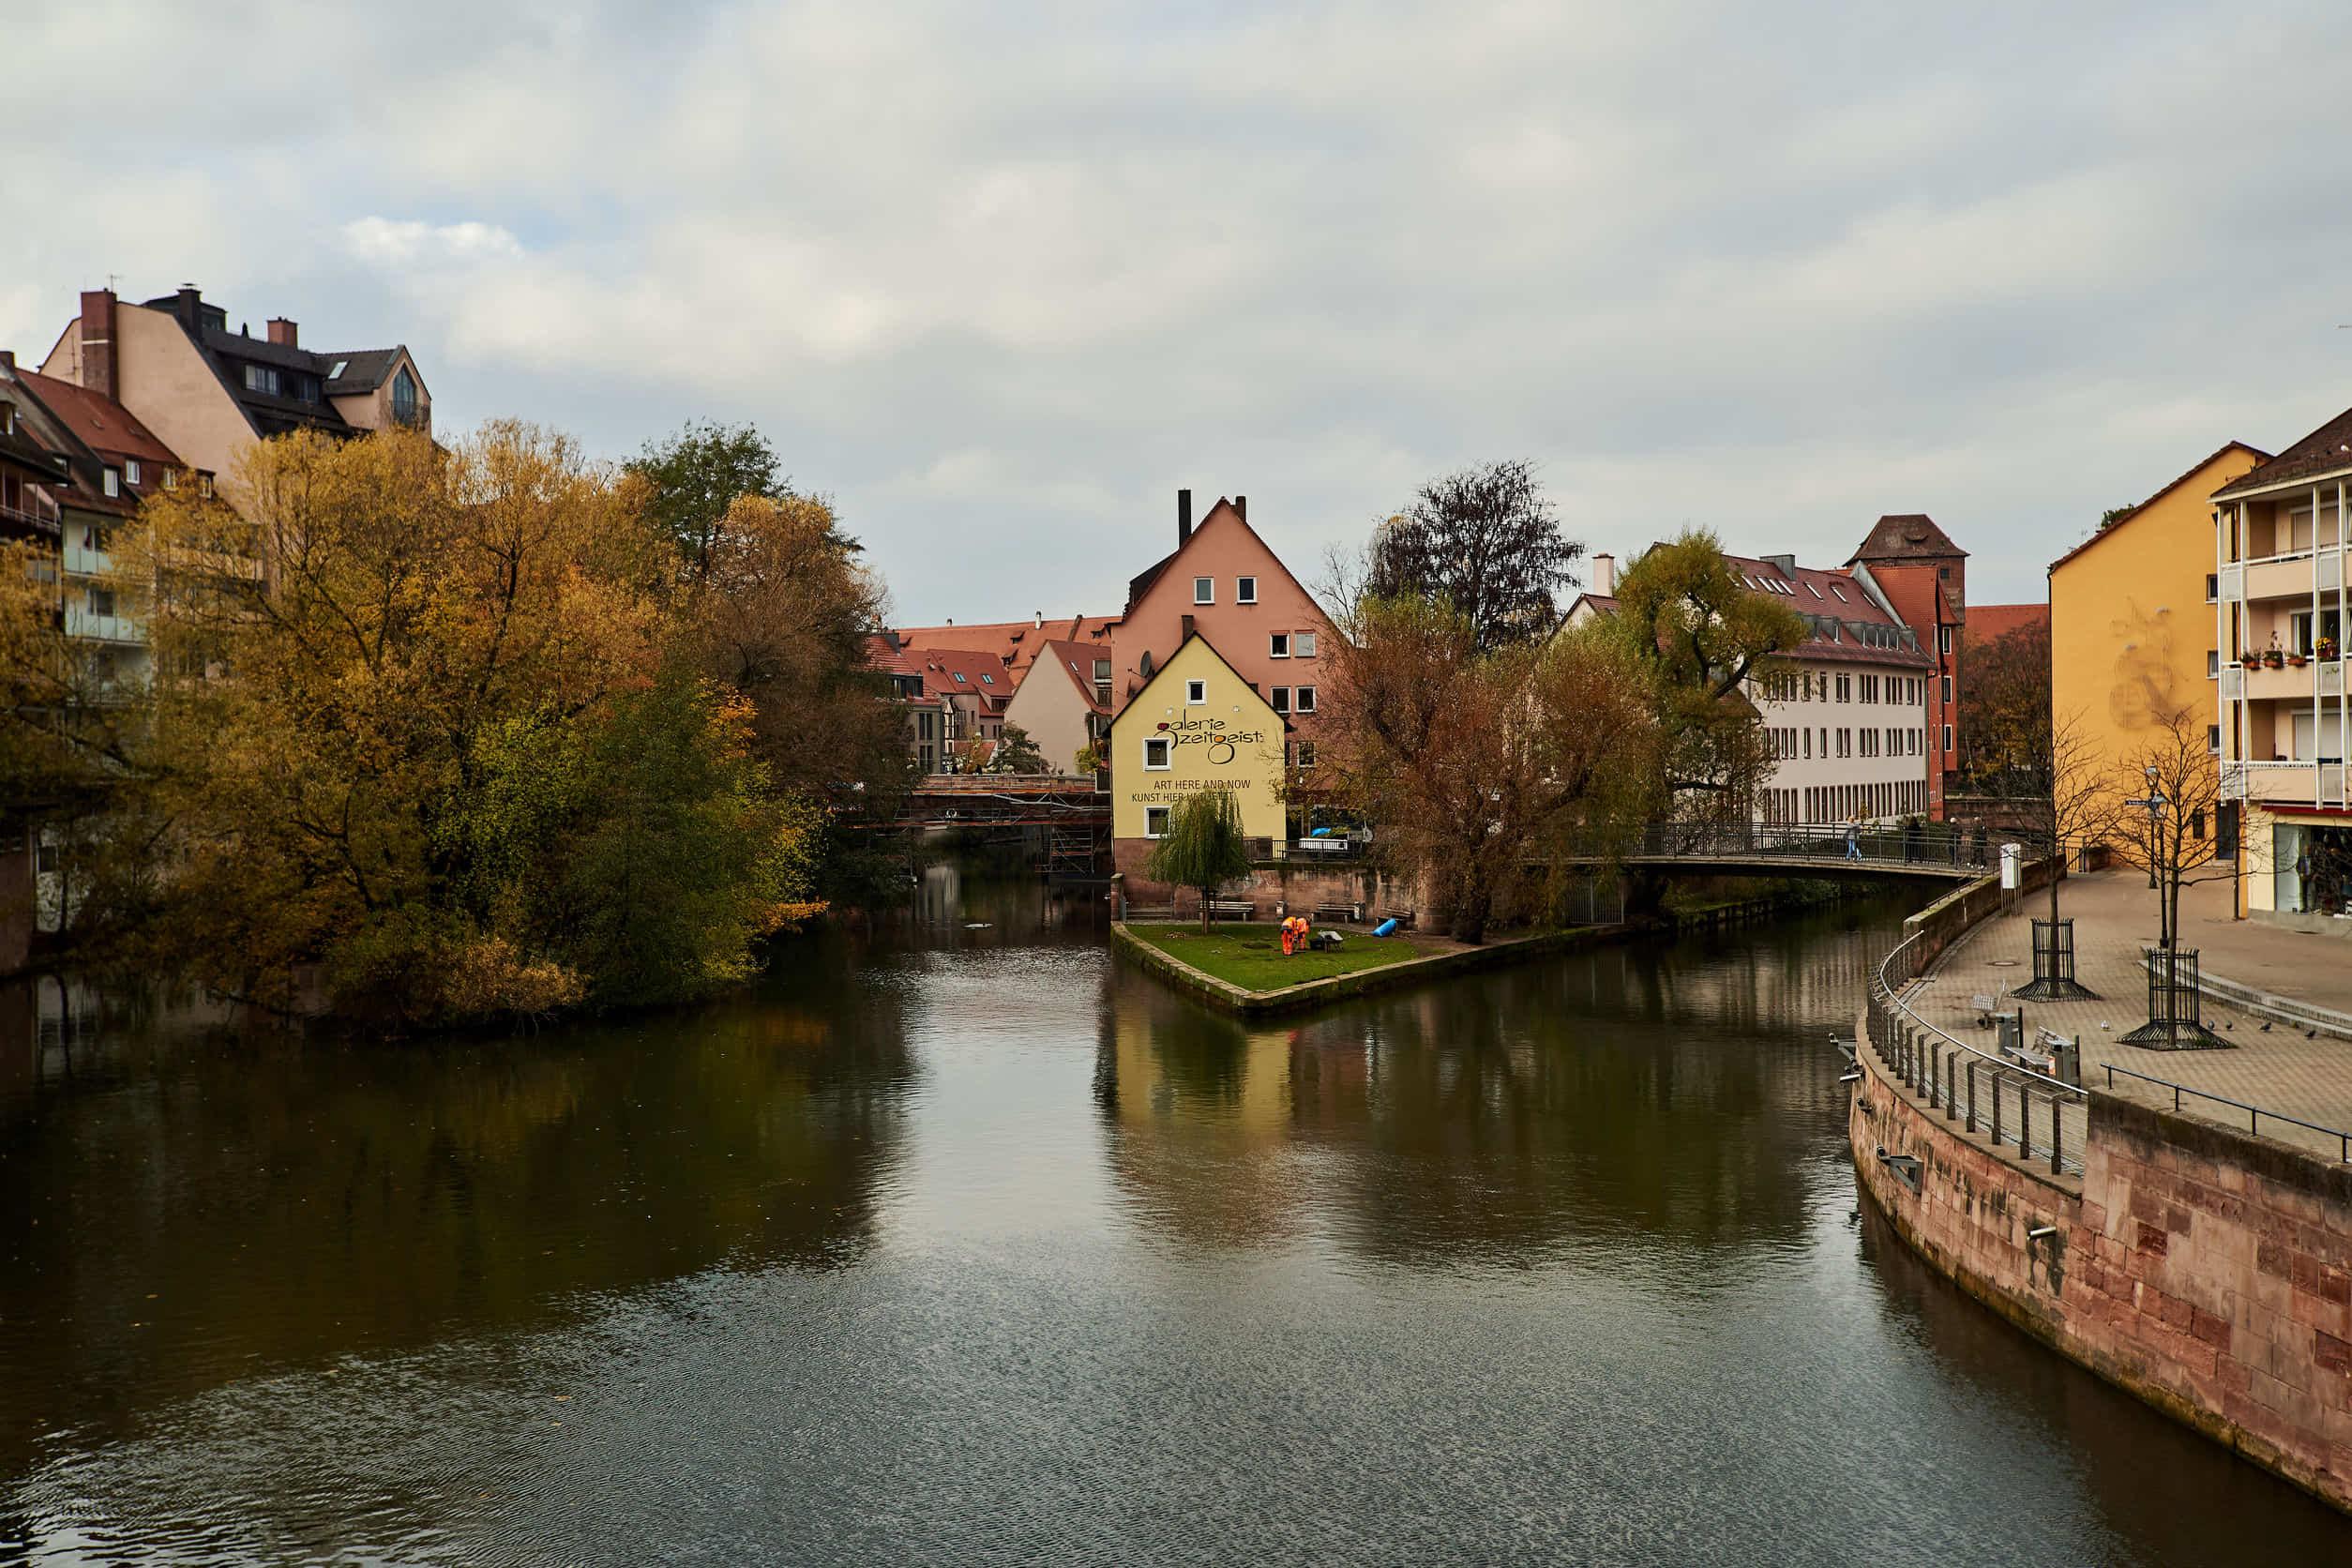 ドイツ旅行にオススメな安い時期や季節、失敗しない服装